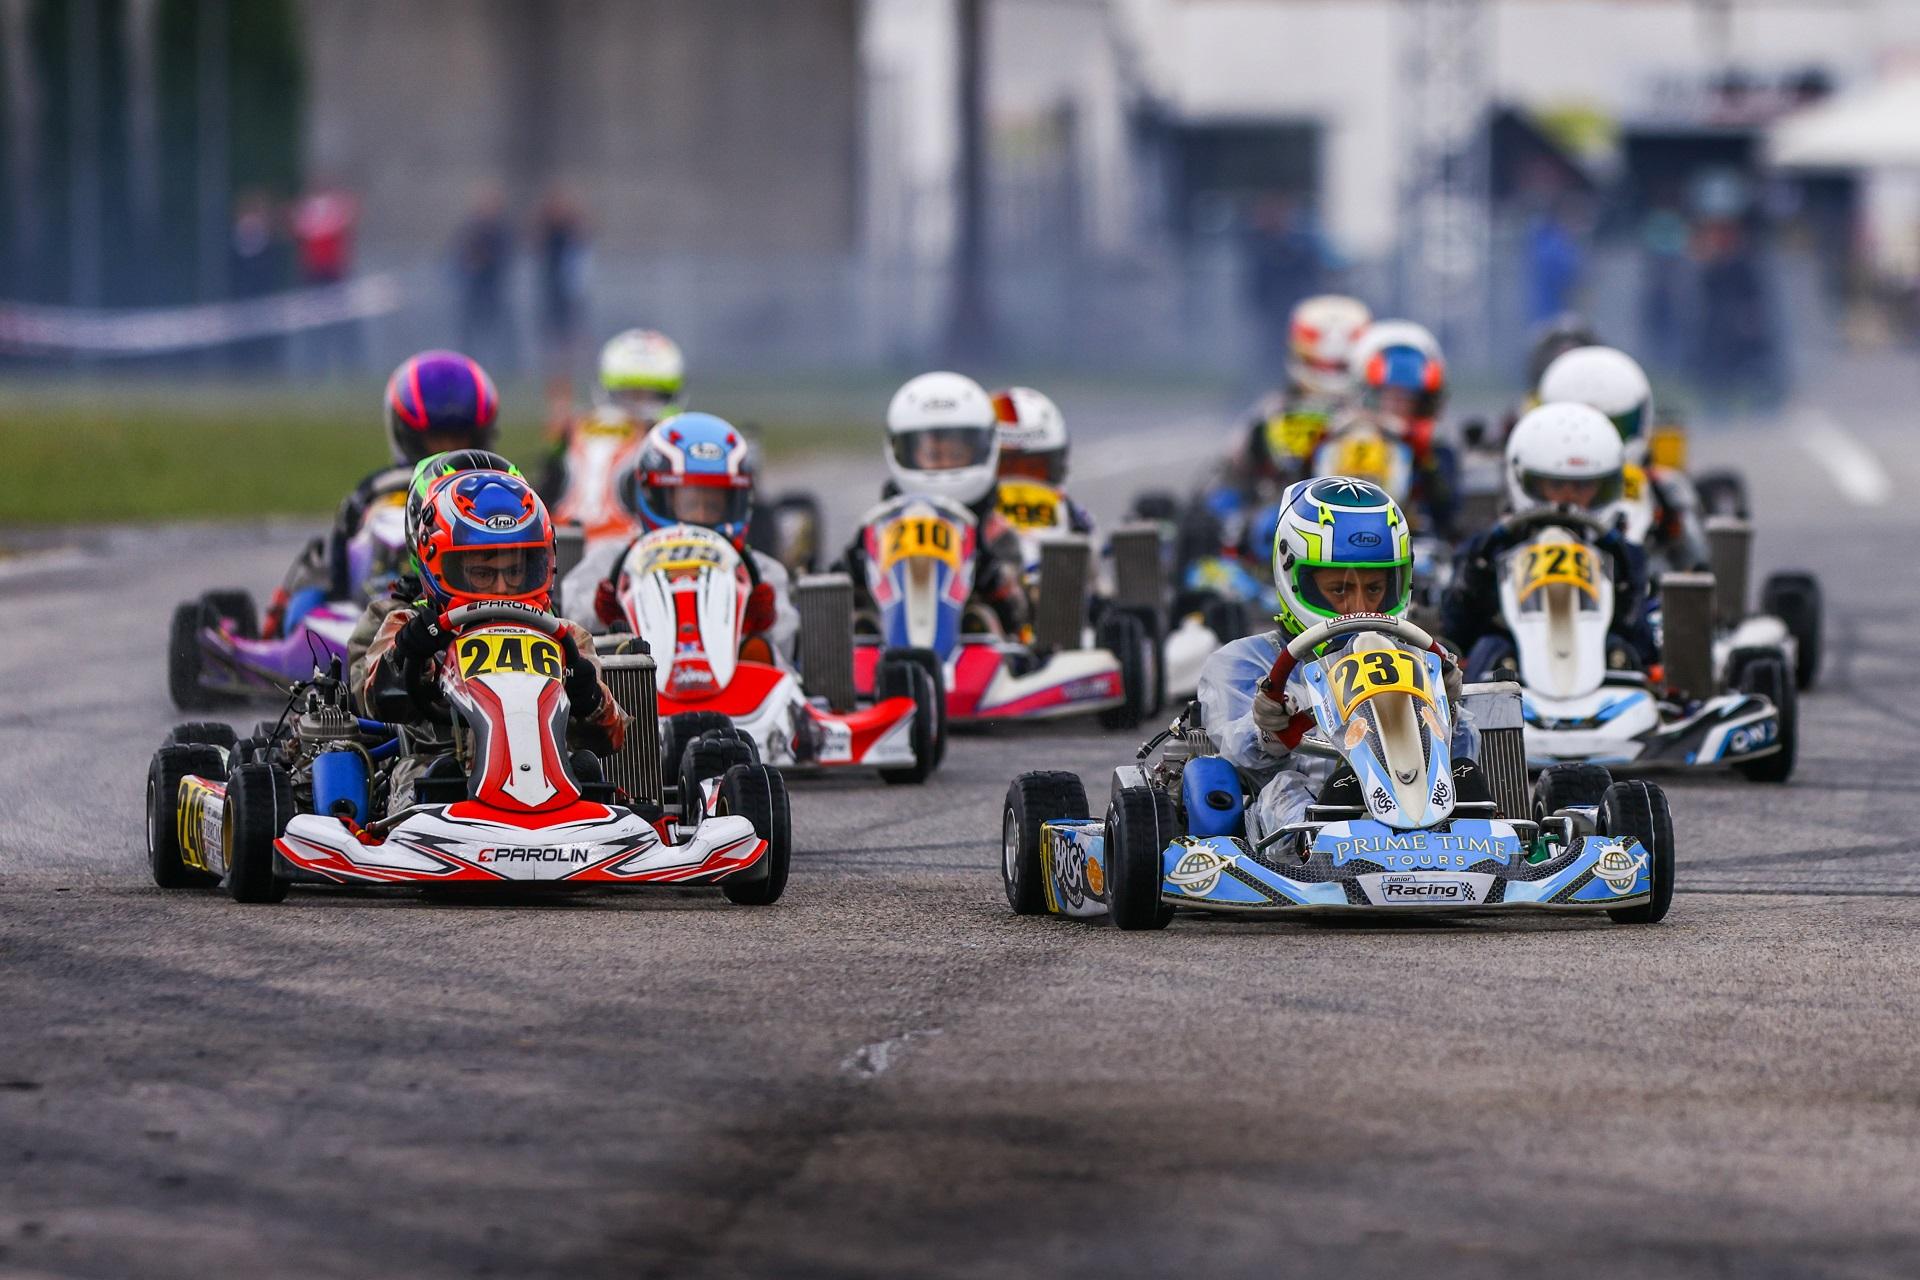 Martim Meneses a 'um passo' de sagrar-se campeão nacional da categoria X30 Mini